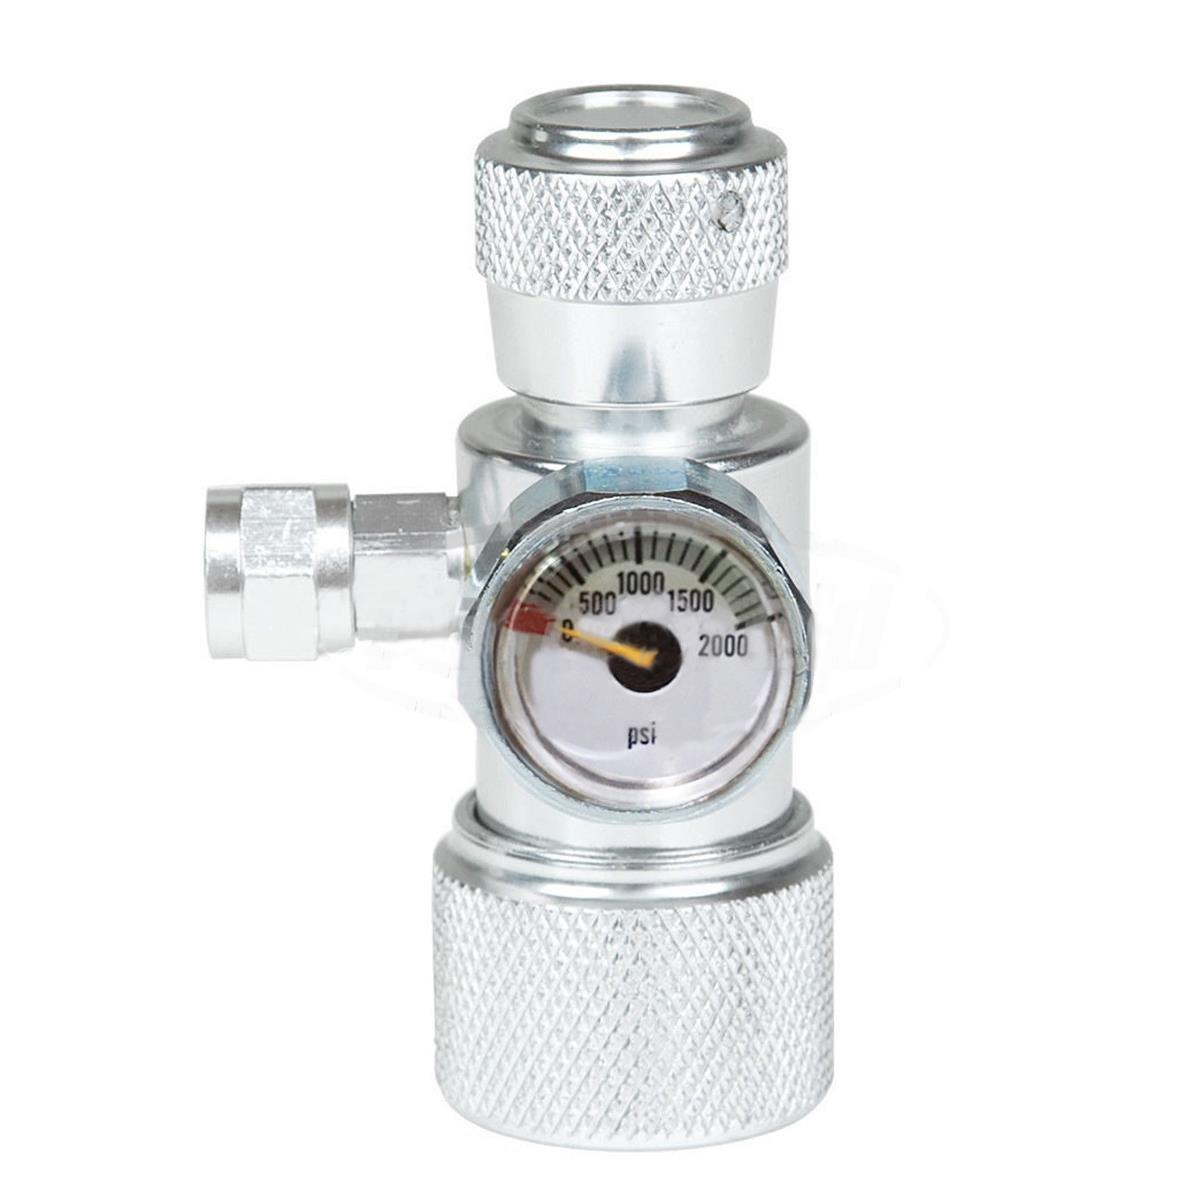 Faway CO2/mousse Plante Poisson Aquarium Unique R/égulateur de jauge de pression Manom/ètre /équipement CO2/Jauge de pression